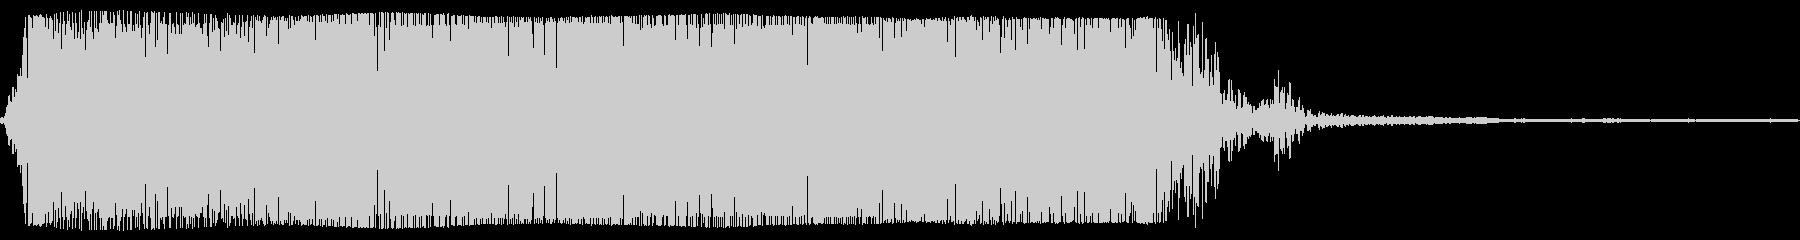 ギターメタルパワーコードzn wの未再生の波形